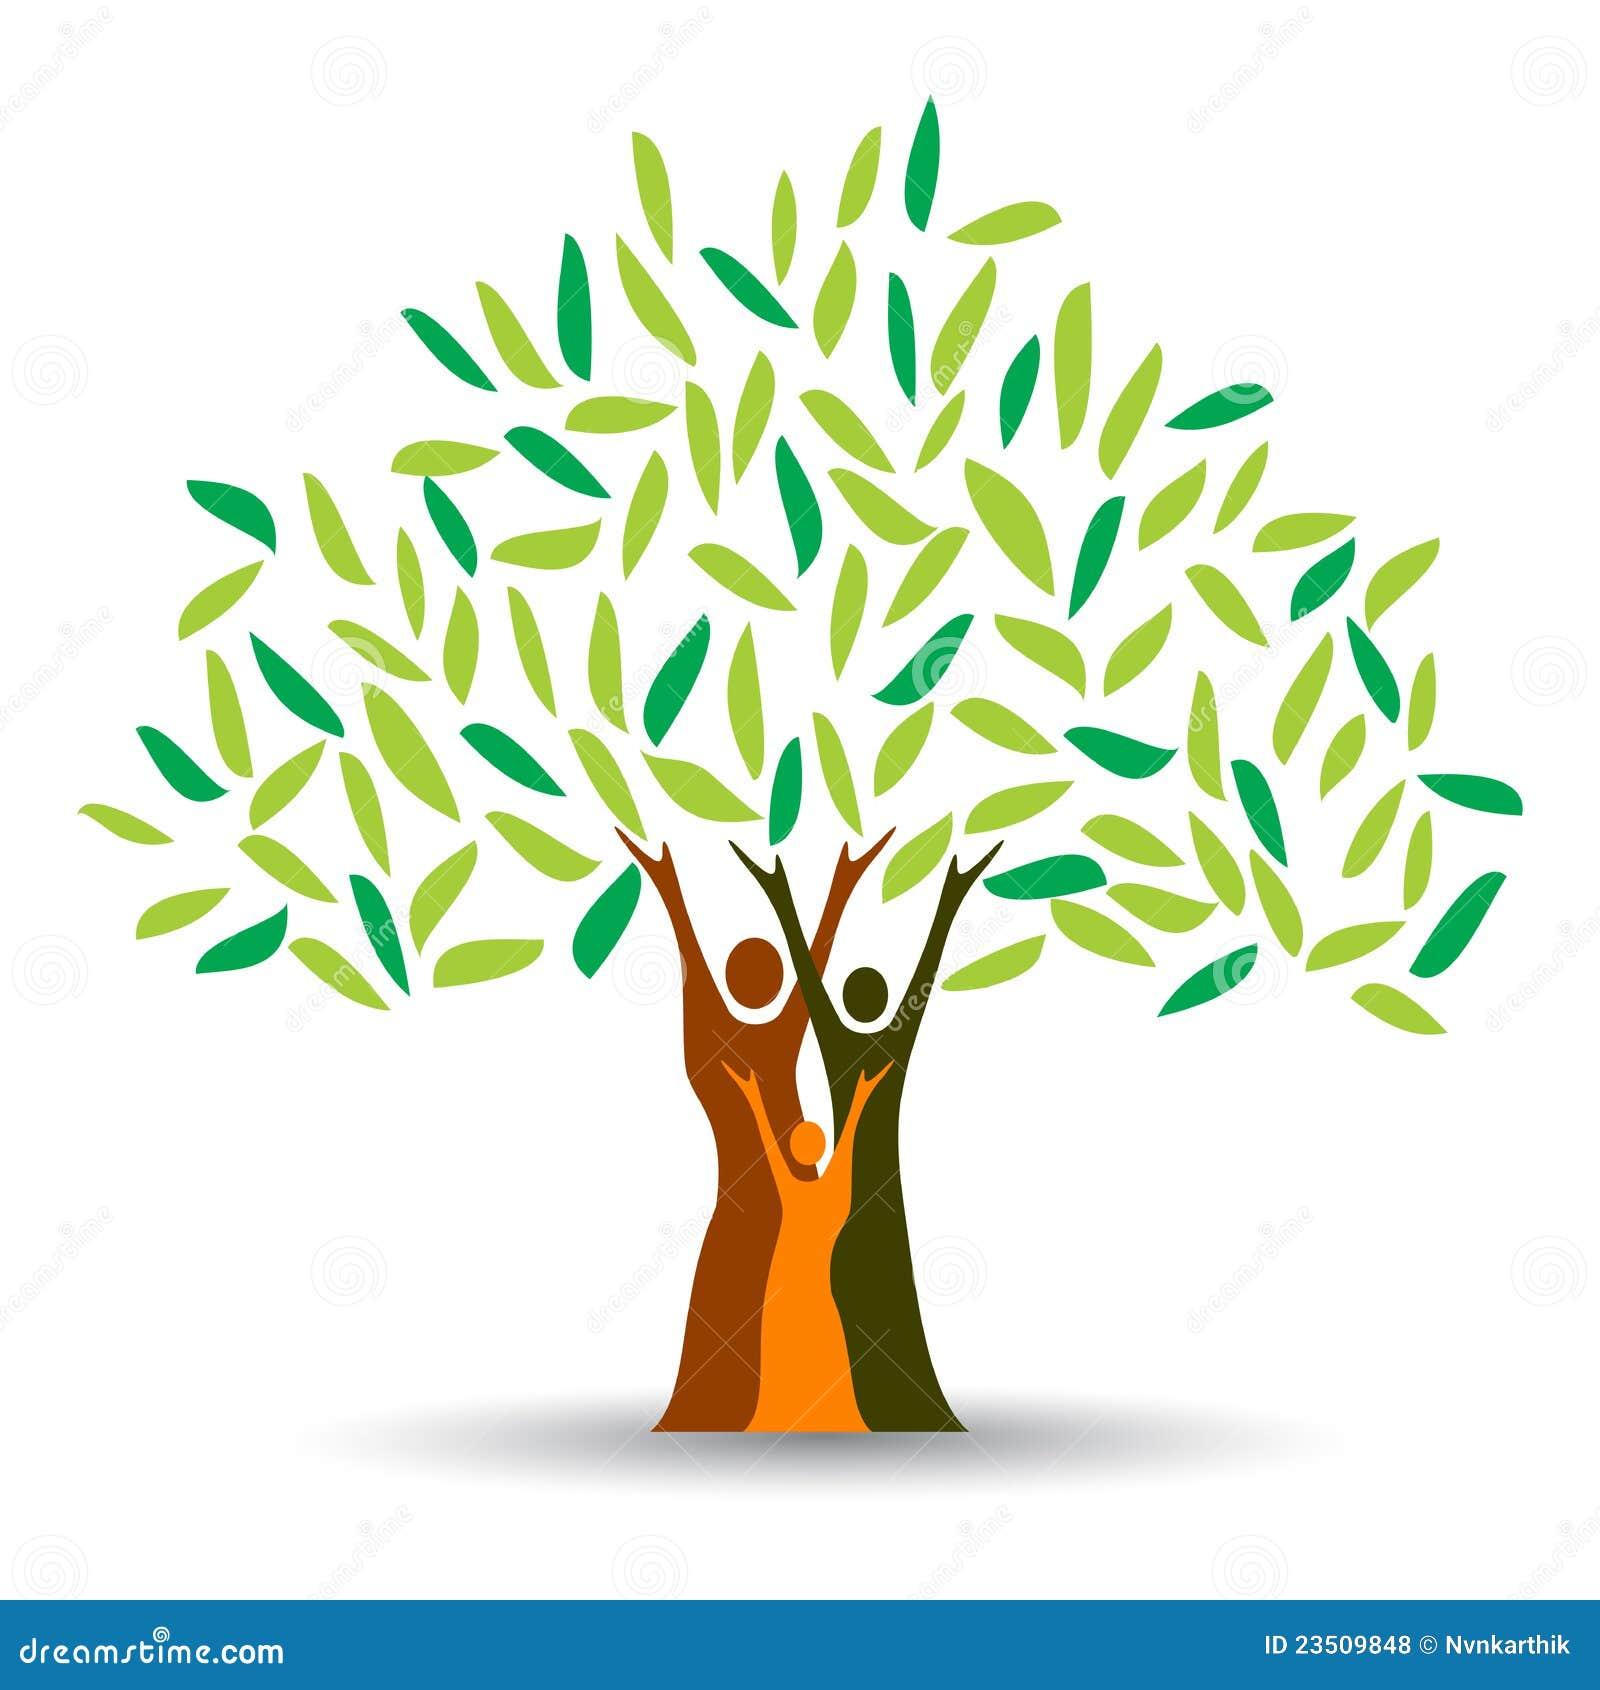 Family Tree Royalty Free Stock Photos - Image: 23509848